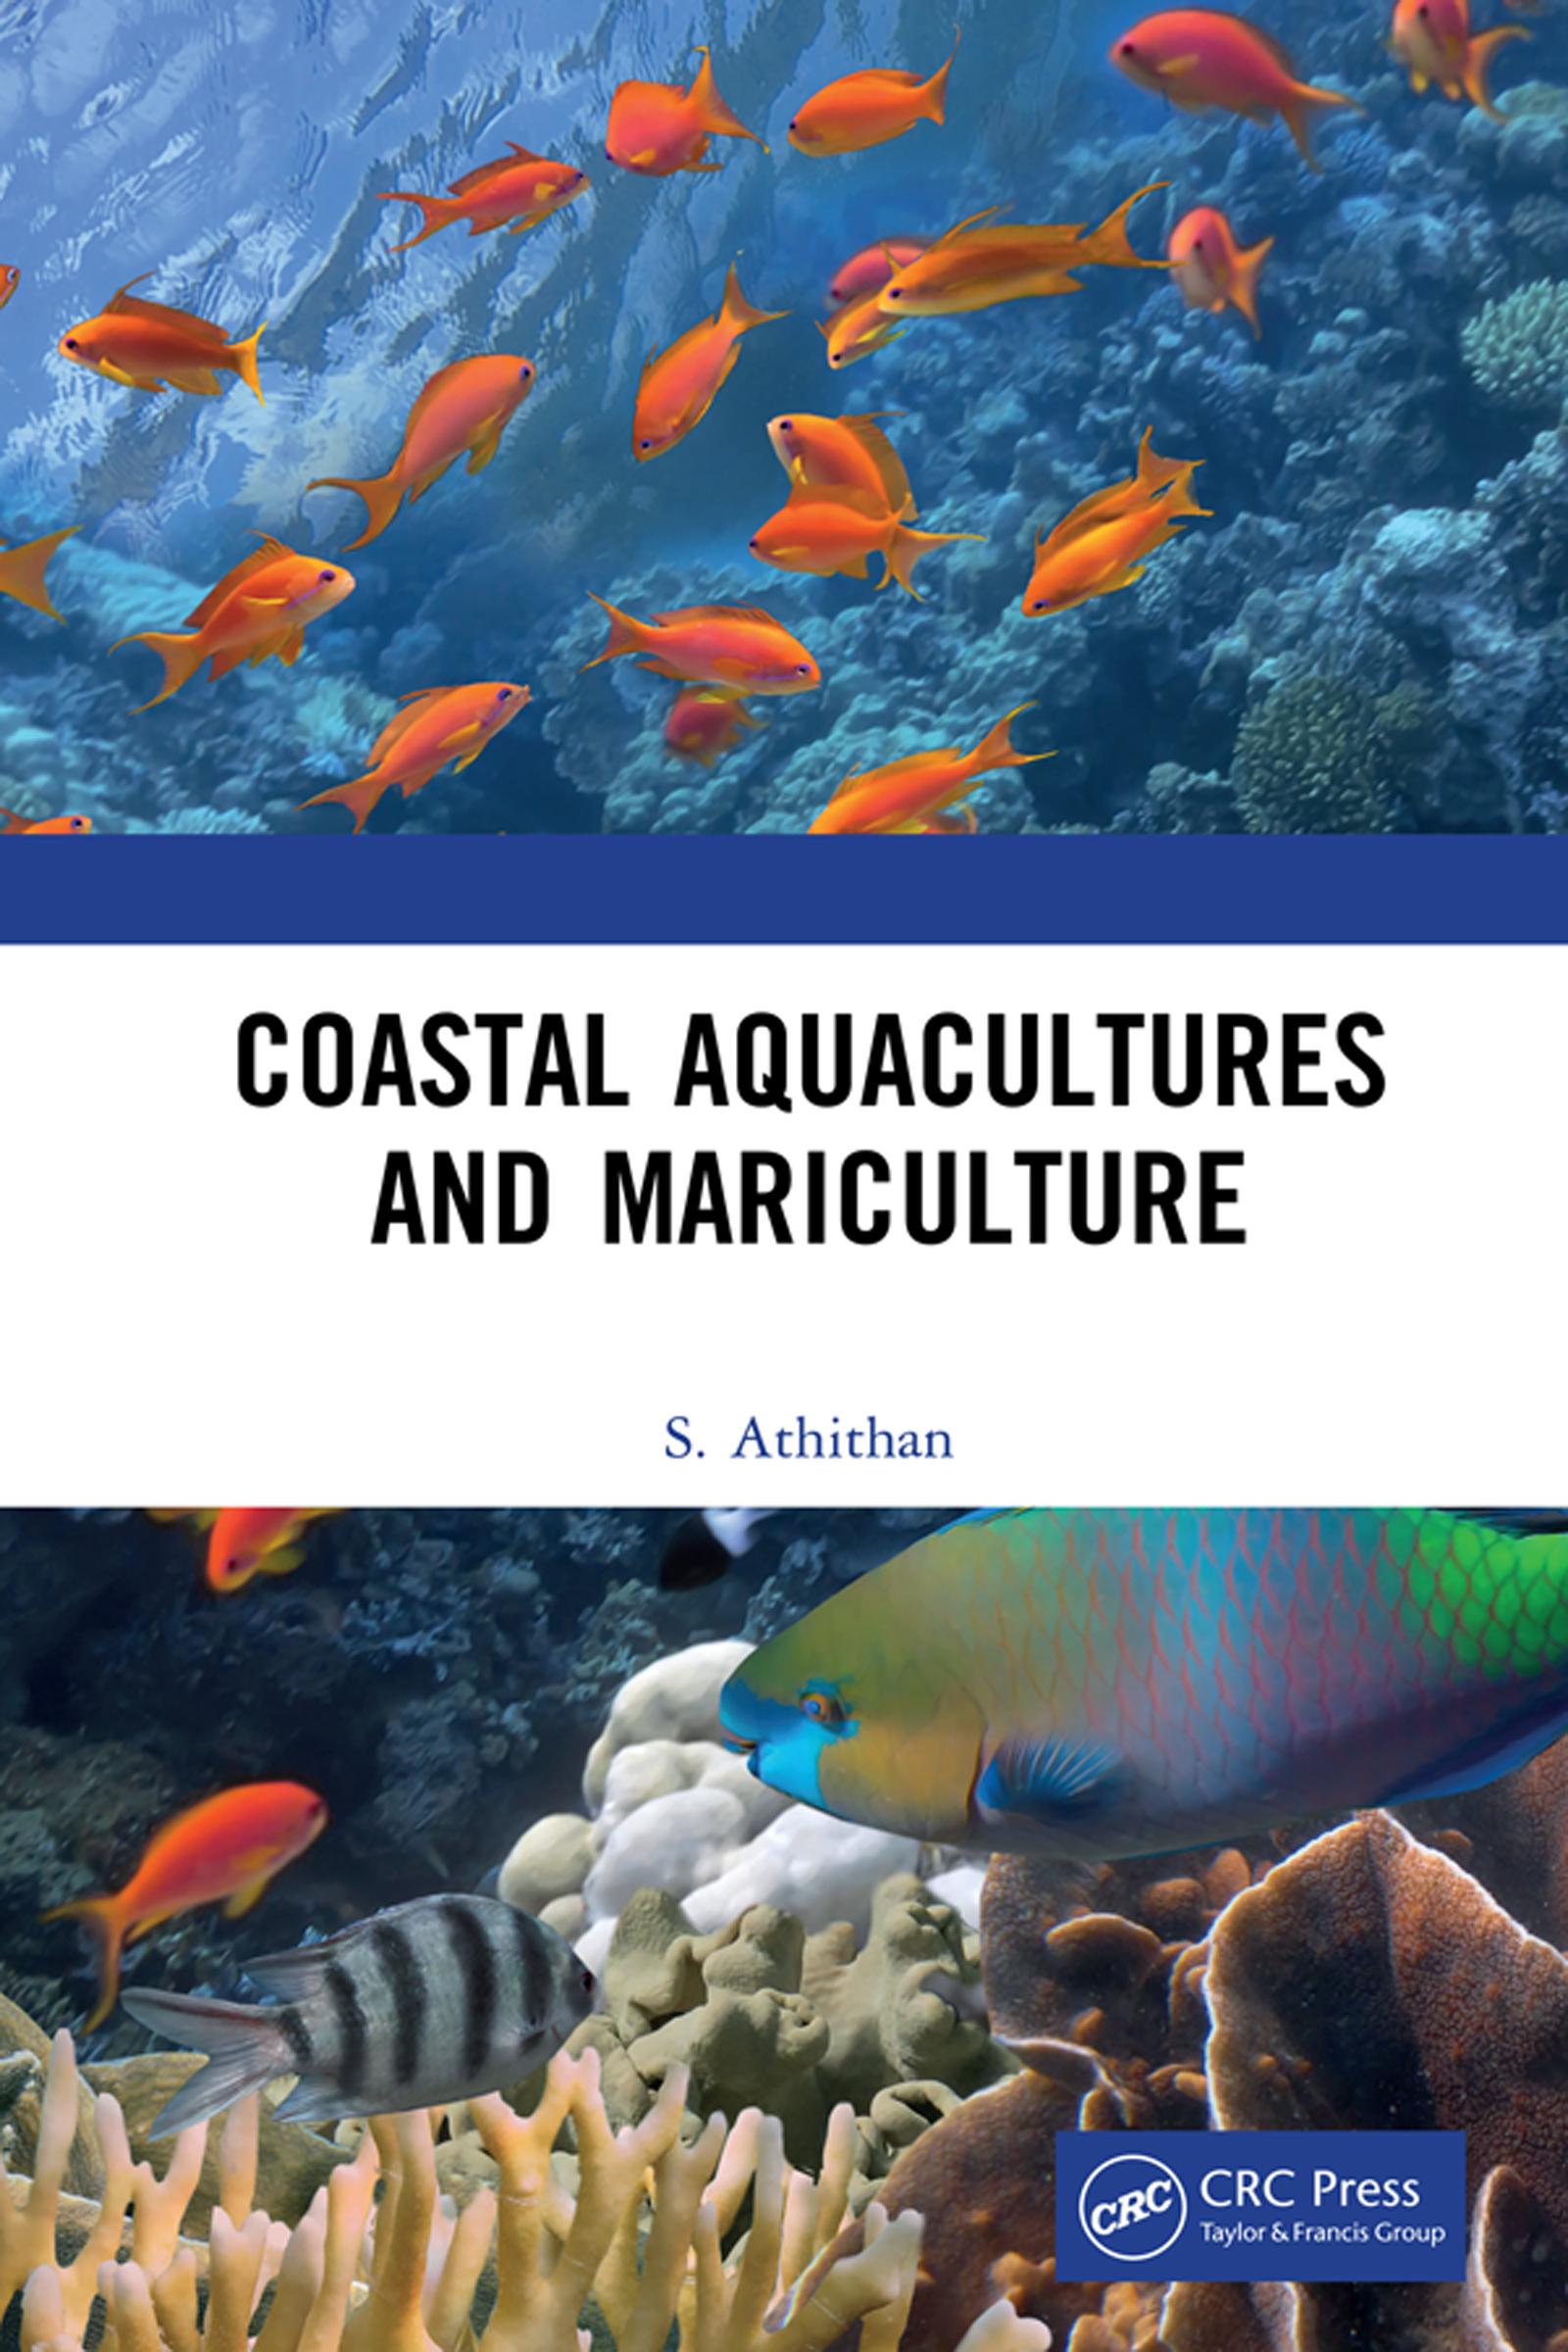 Coastal Aquacultures and Mariculture